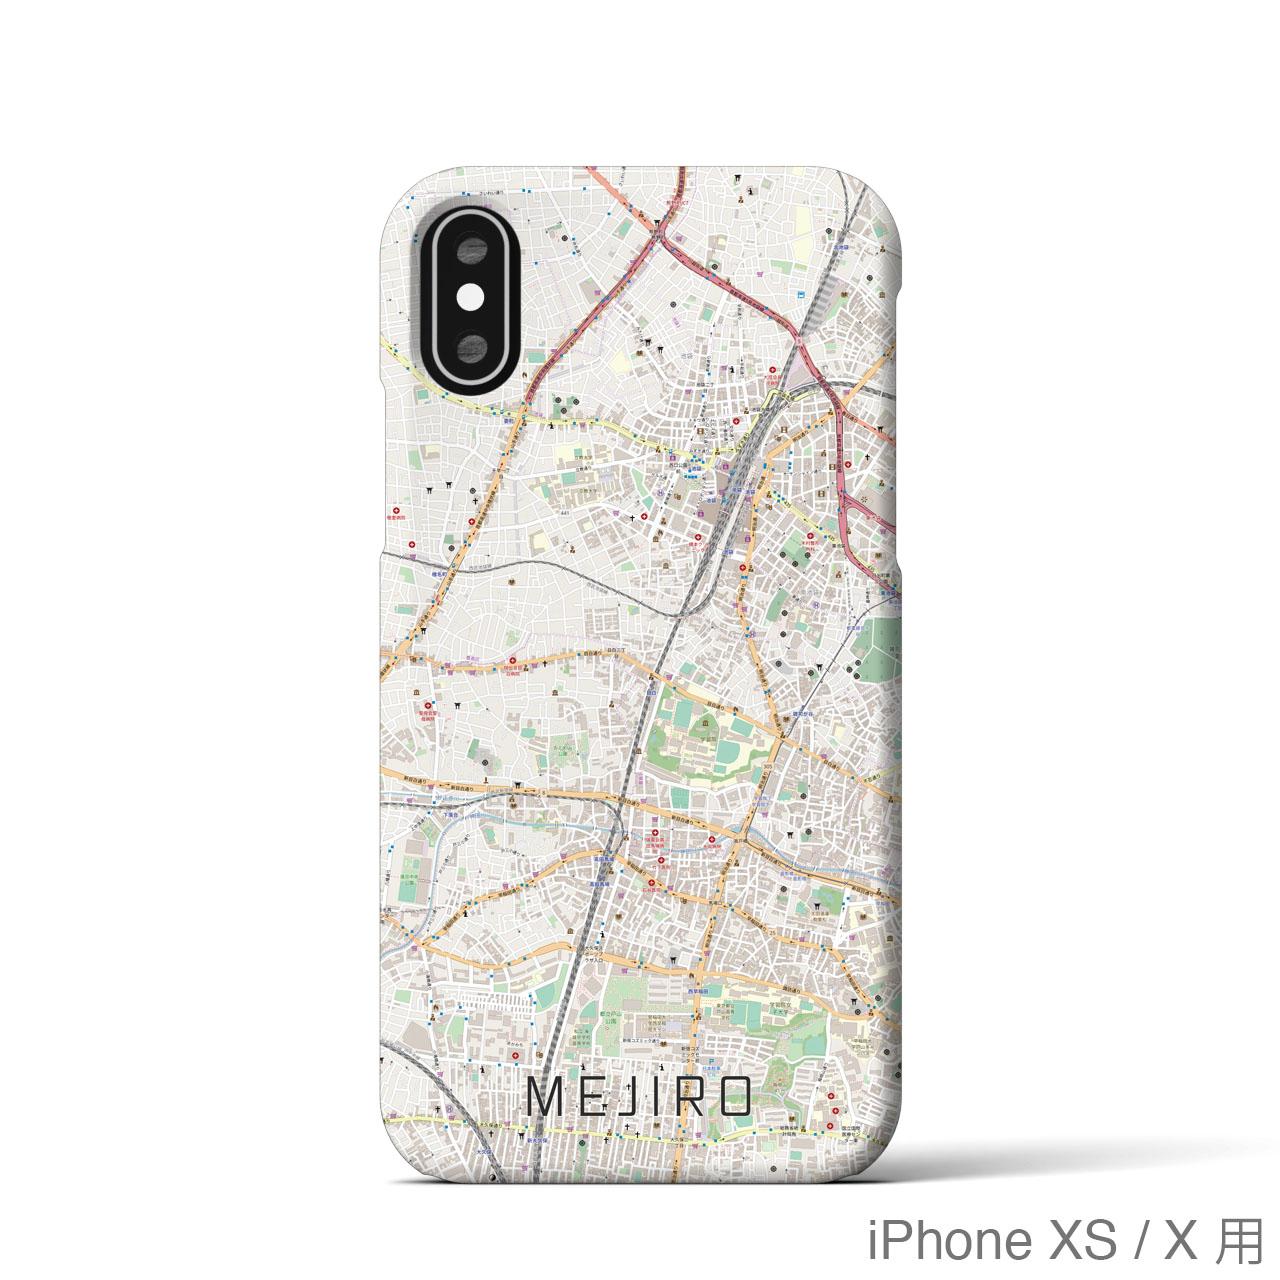 【目白】地図柄iPhoneケース(バックカバータイプ・ナチュラル)